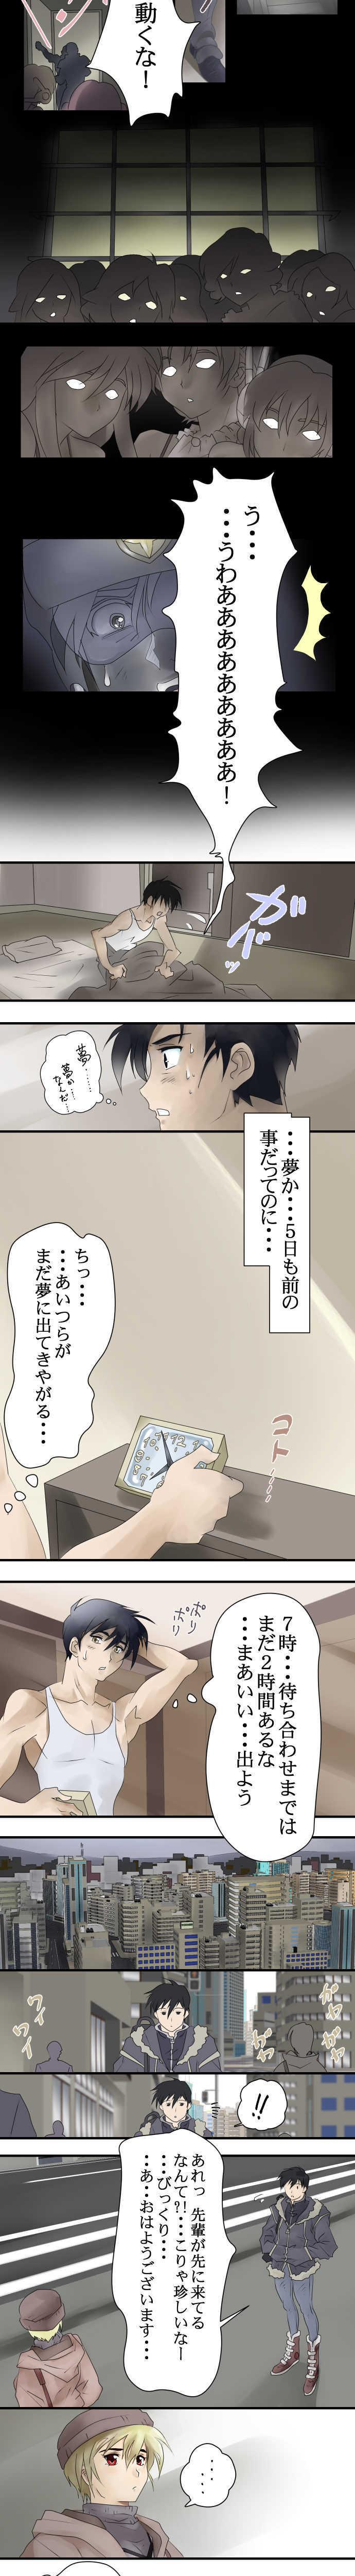 第四話「アーマロイドコンプレックス」(前編)